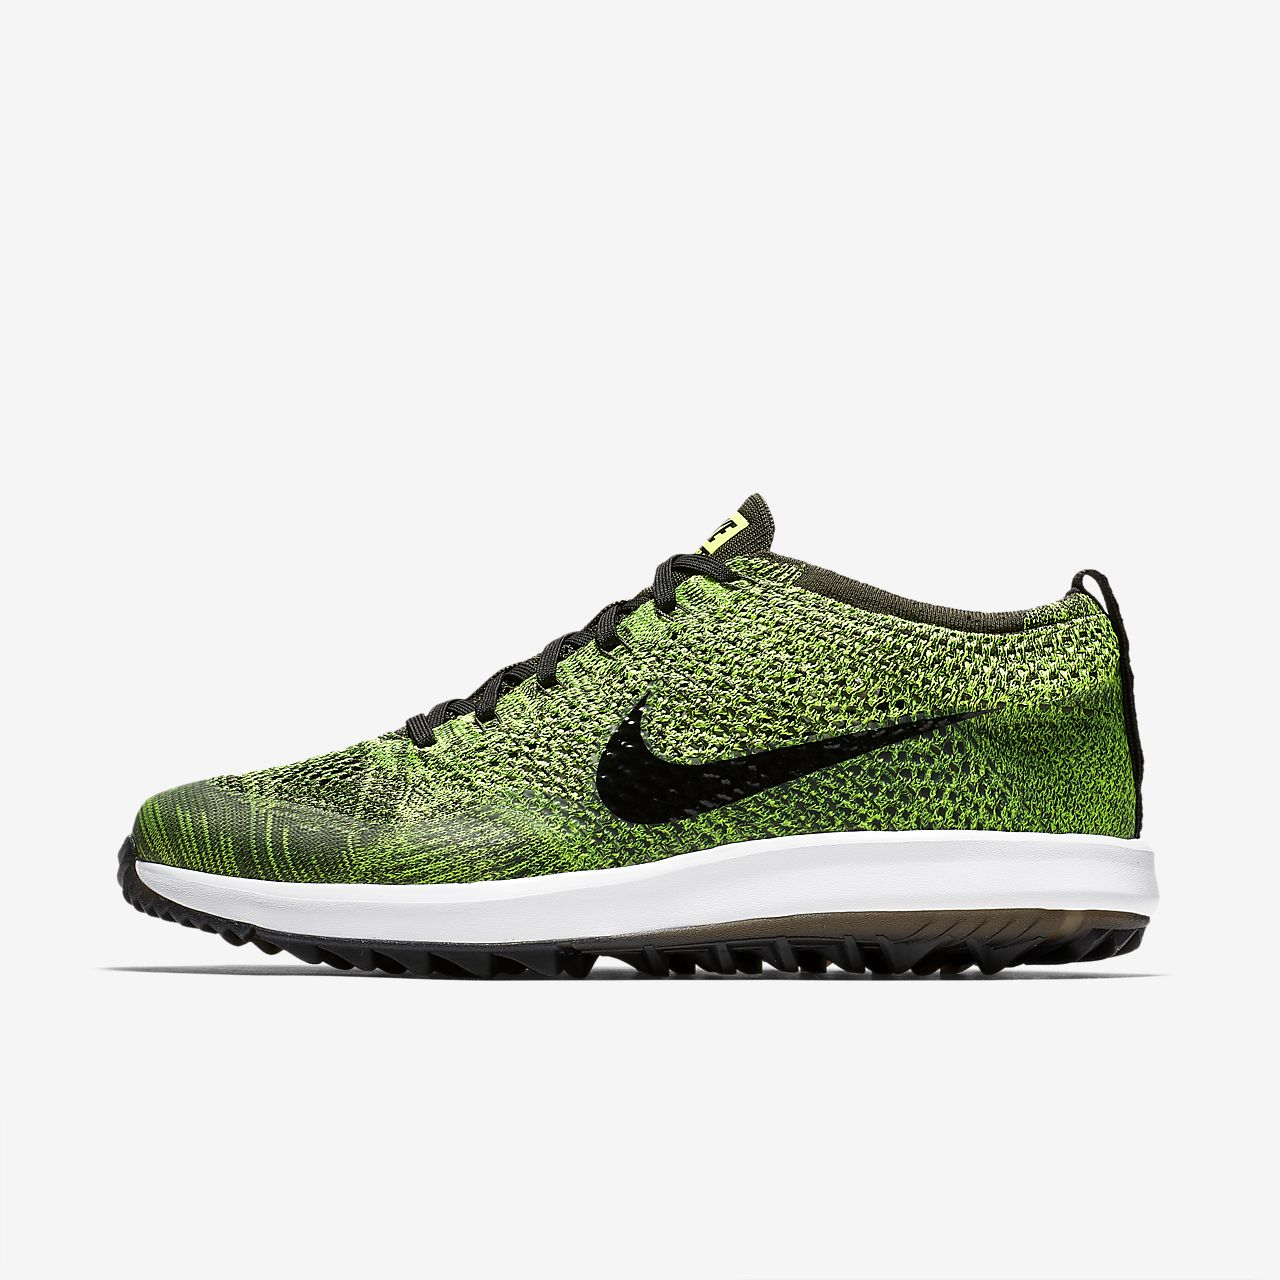 official photos 970b2 e497c ... Golfsko Nike Flyknit Racer G för män